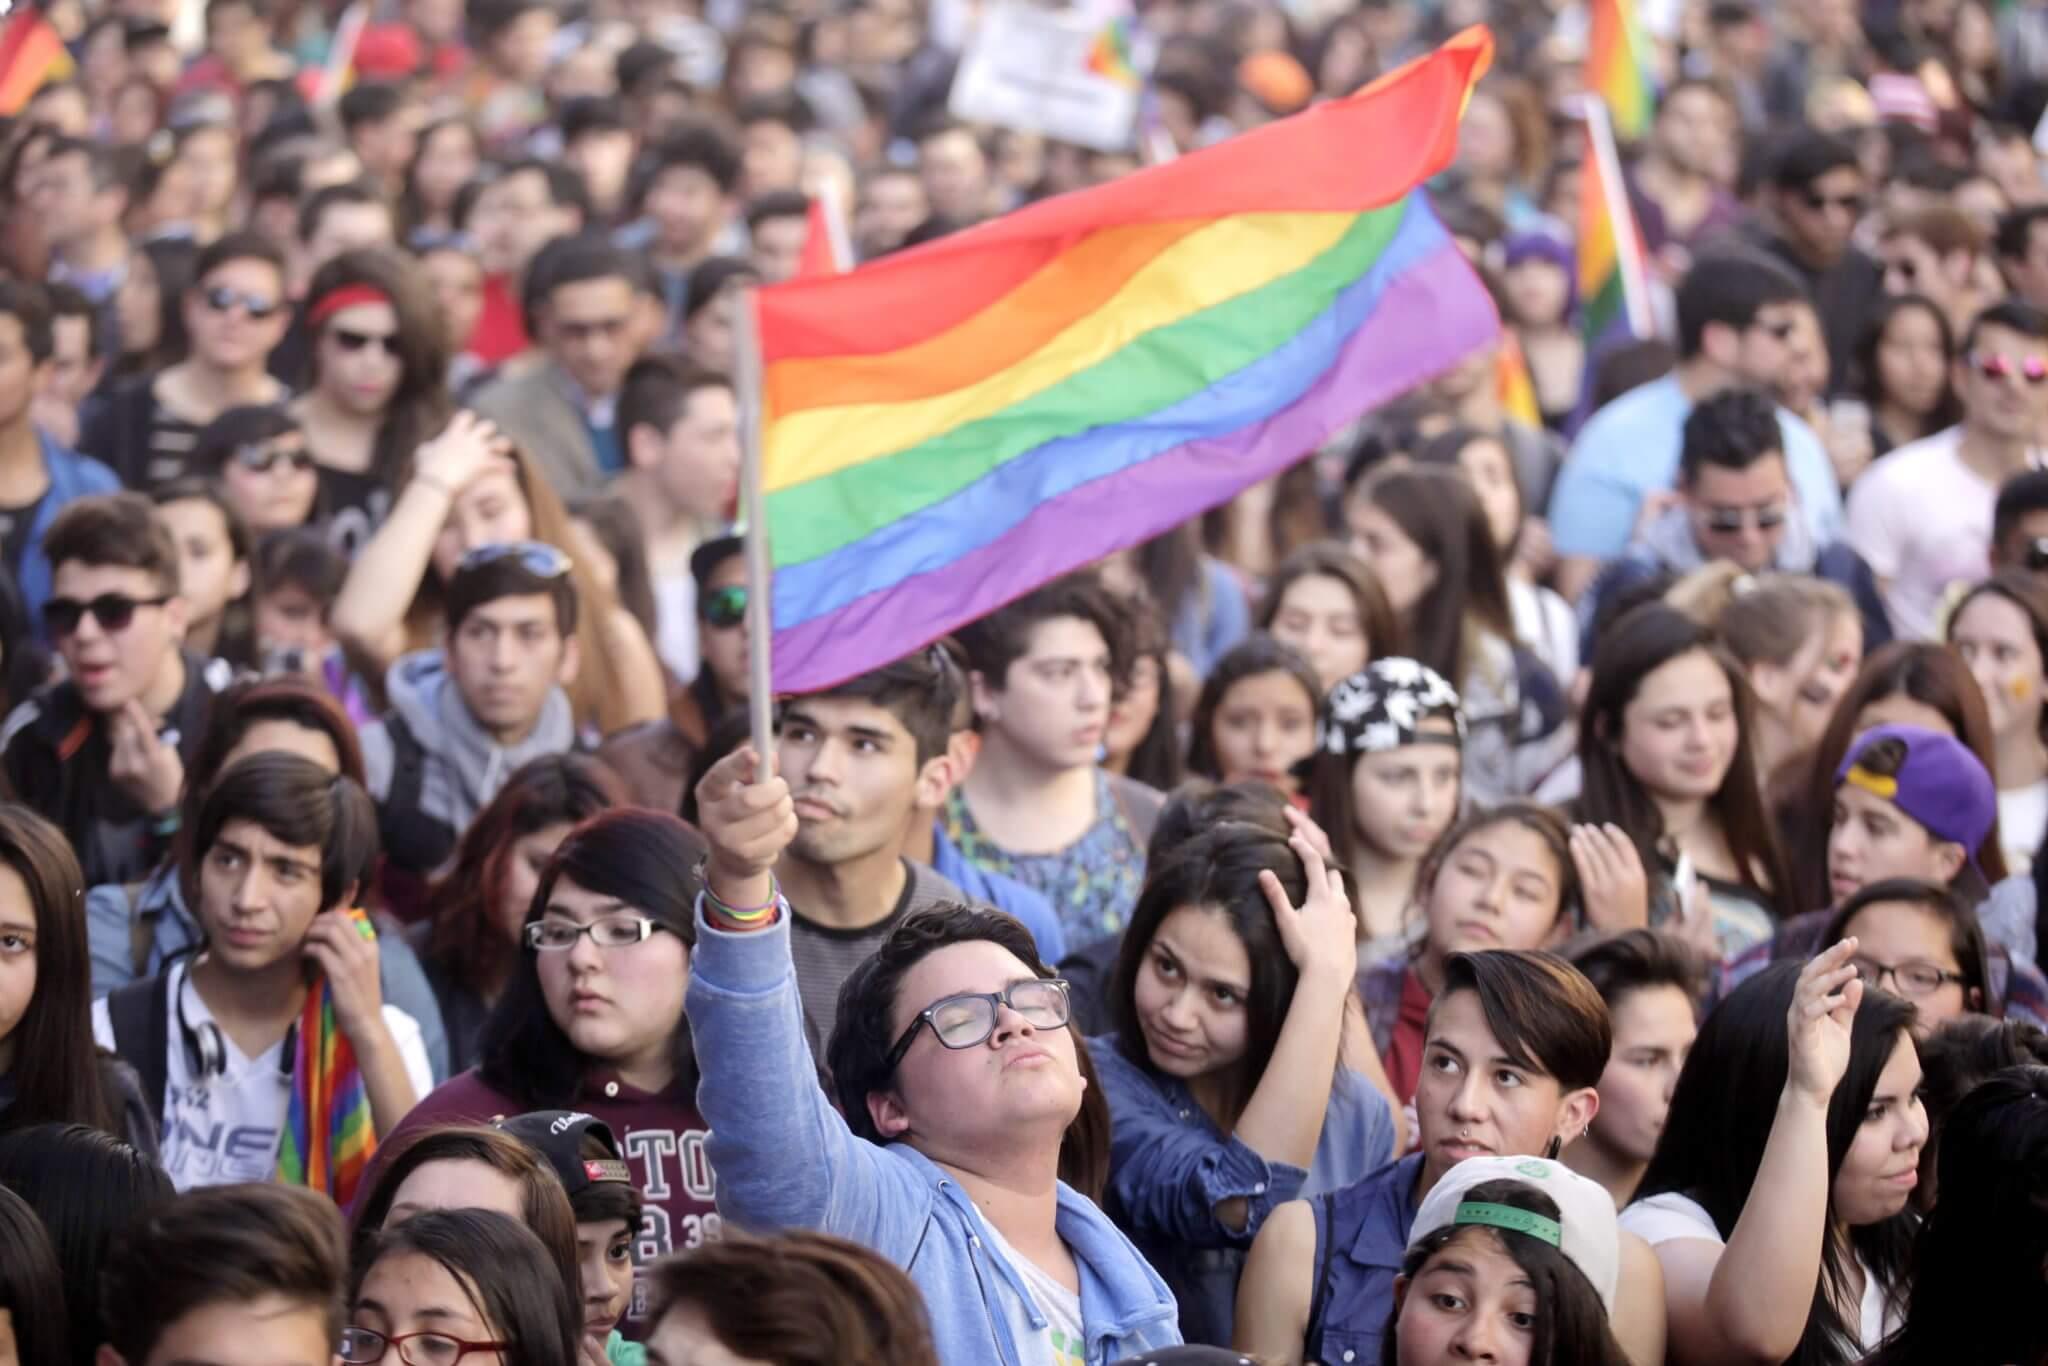 Chile: Corte Suprema aprueba cambio de nombre y sexo registral para personas trans